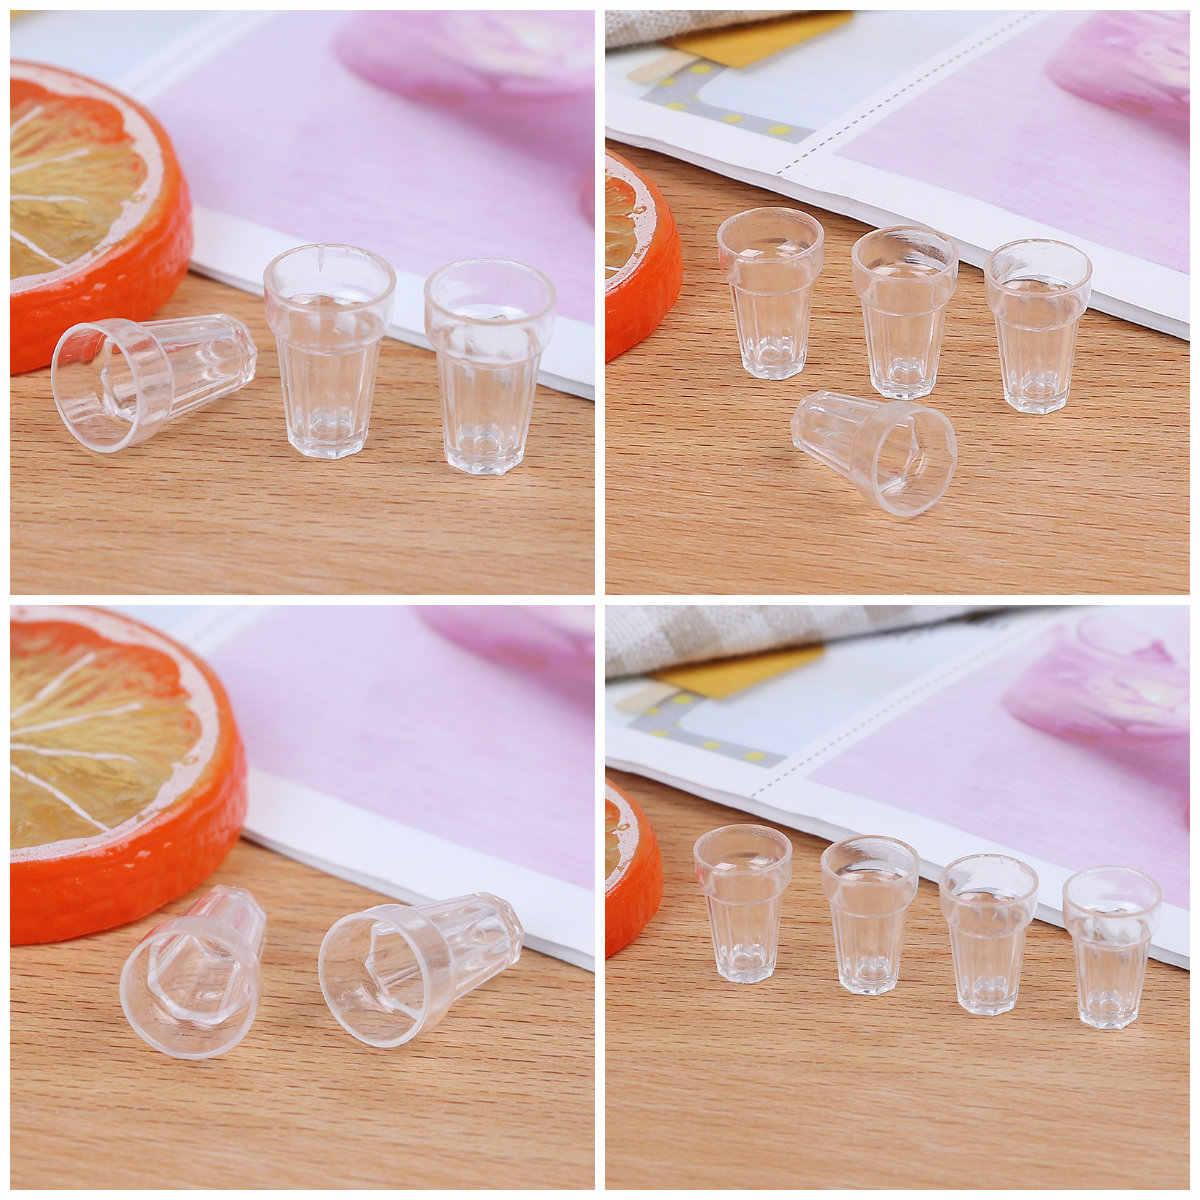 Conjunto de 4 piezas para manualidades en miniatura, transparente, para decoración del hogar, modelo de cristal de 13mm x 19mm, piezas DIY, Mini vaso de cerveza de Cola, casa de muñecas